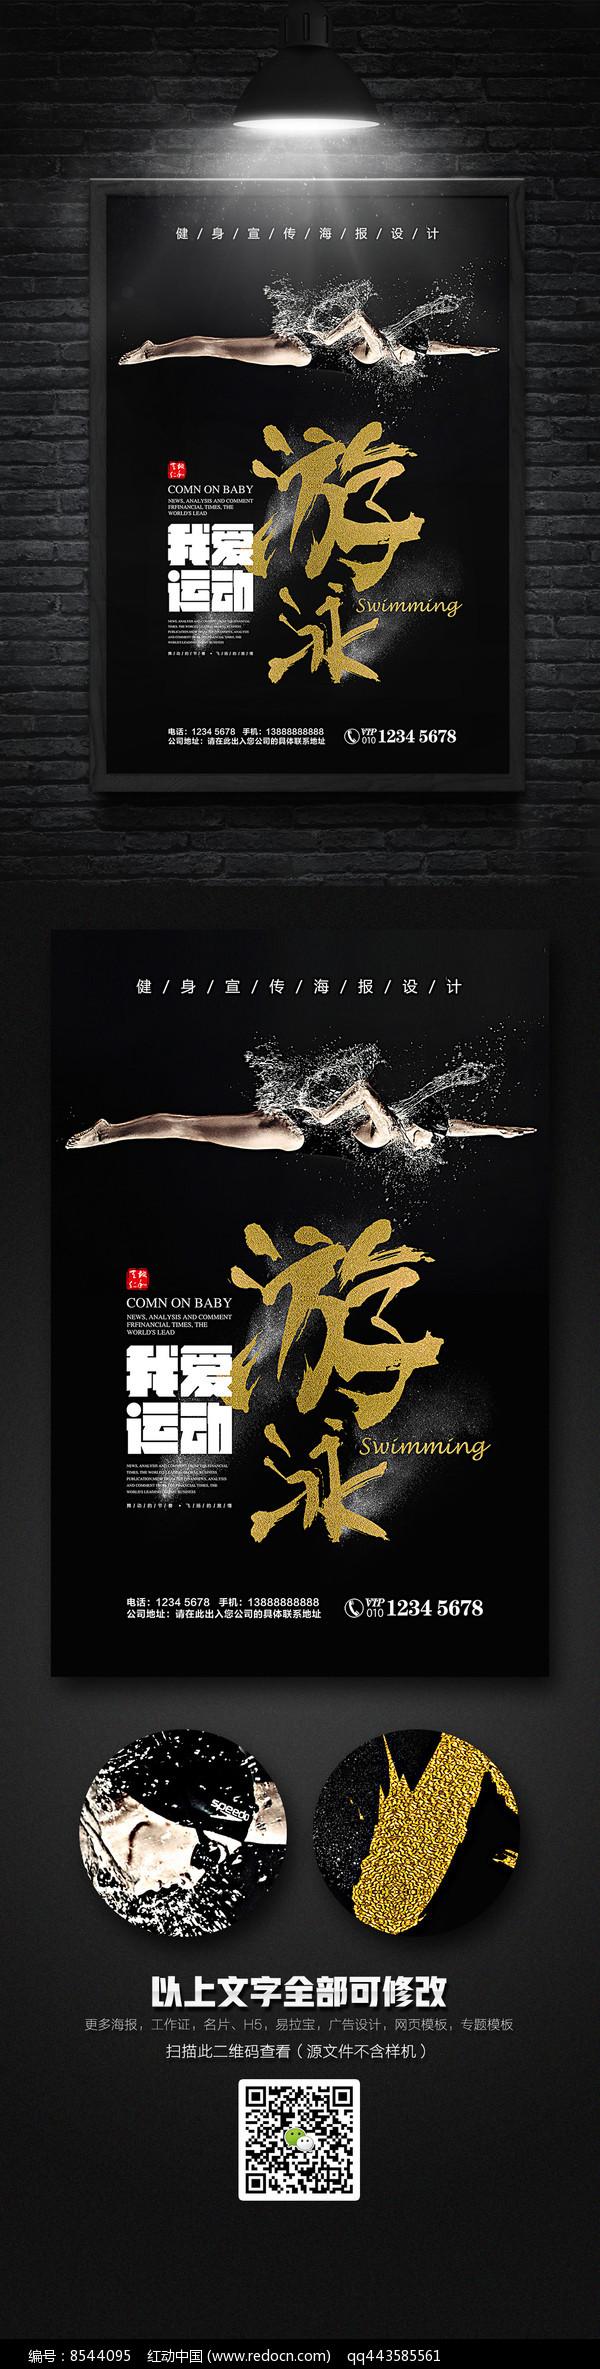 创意游泳海报设计图片